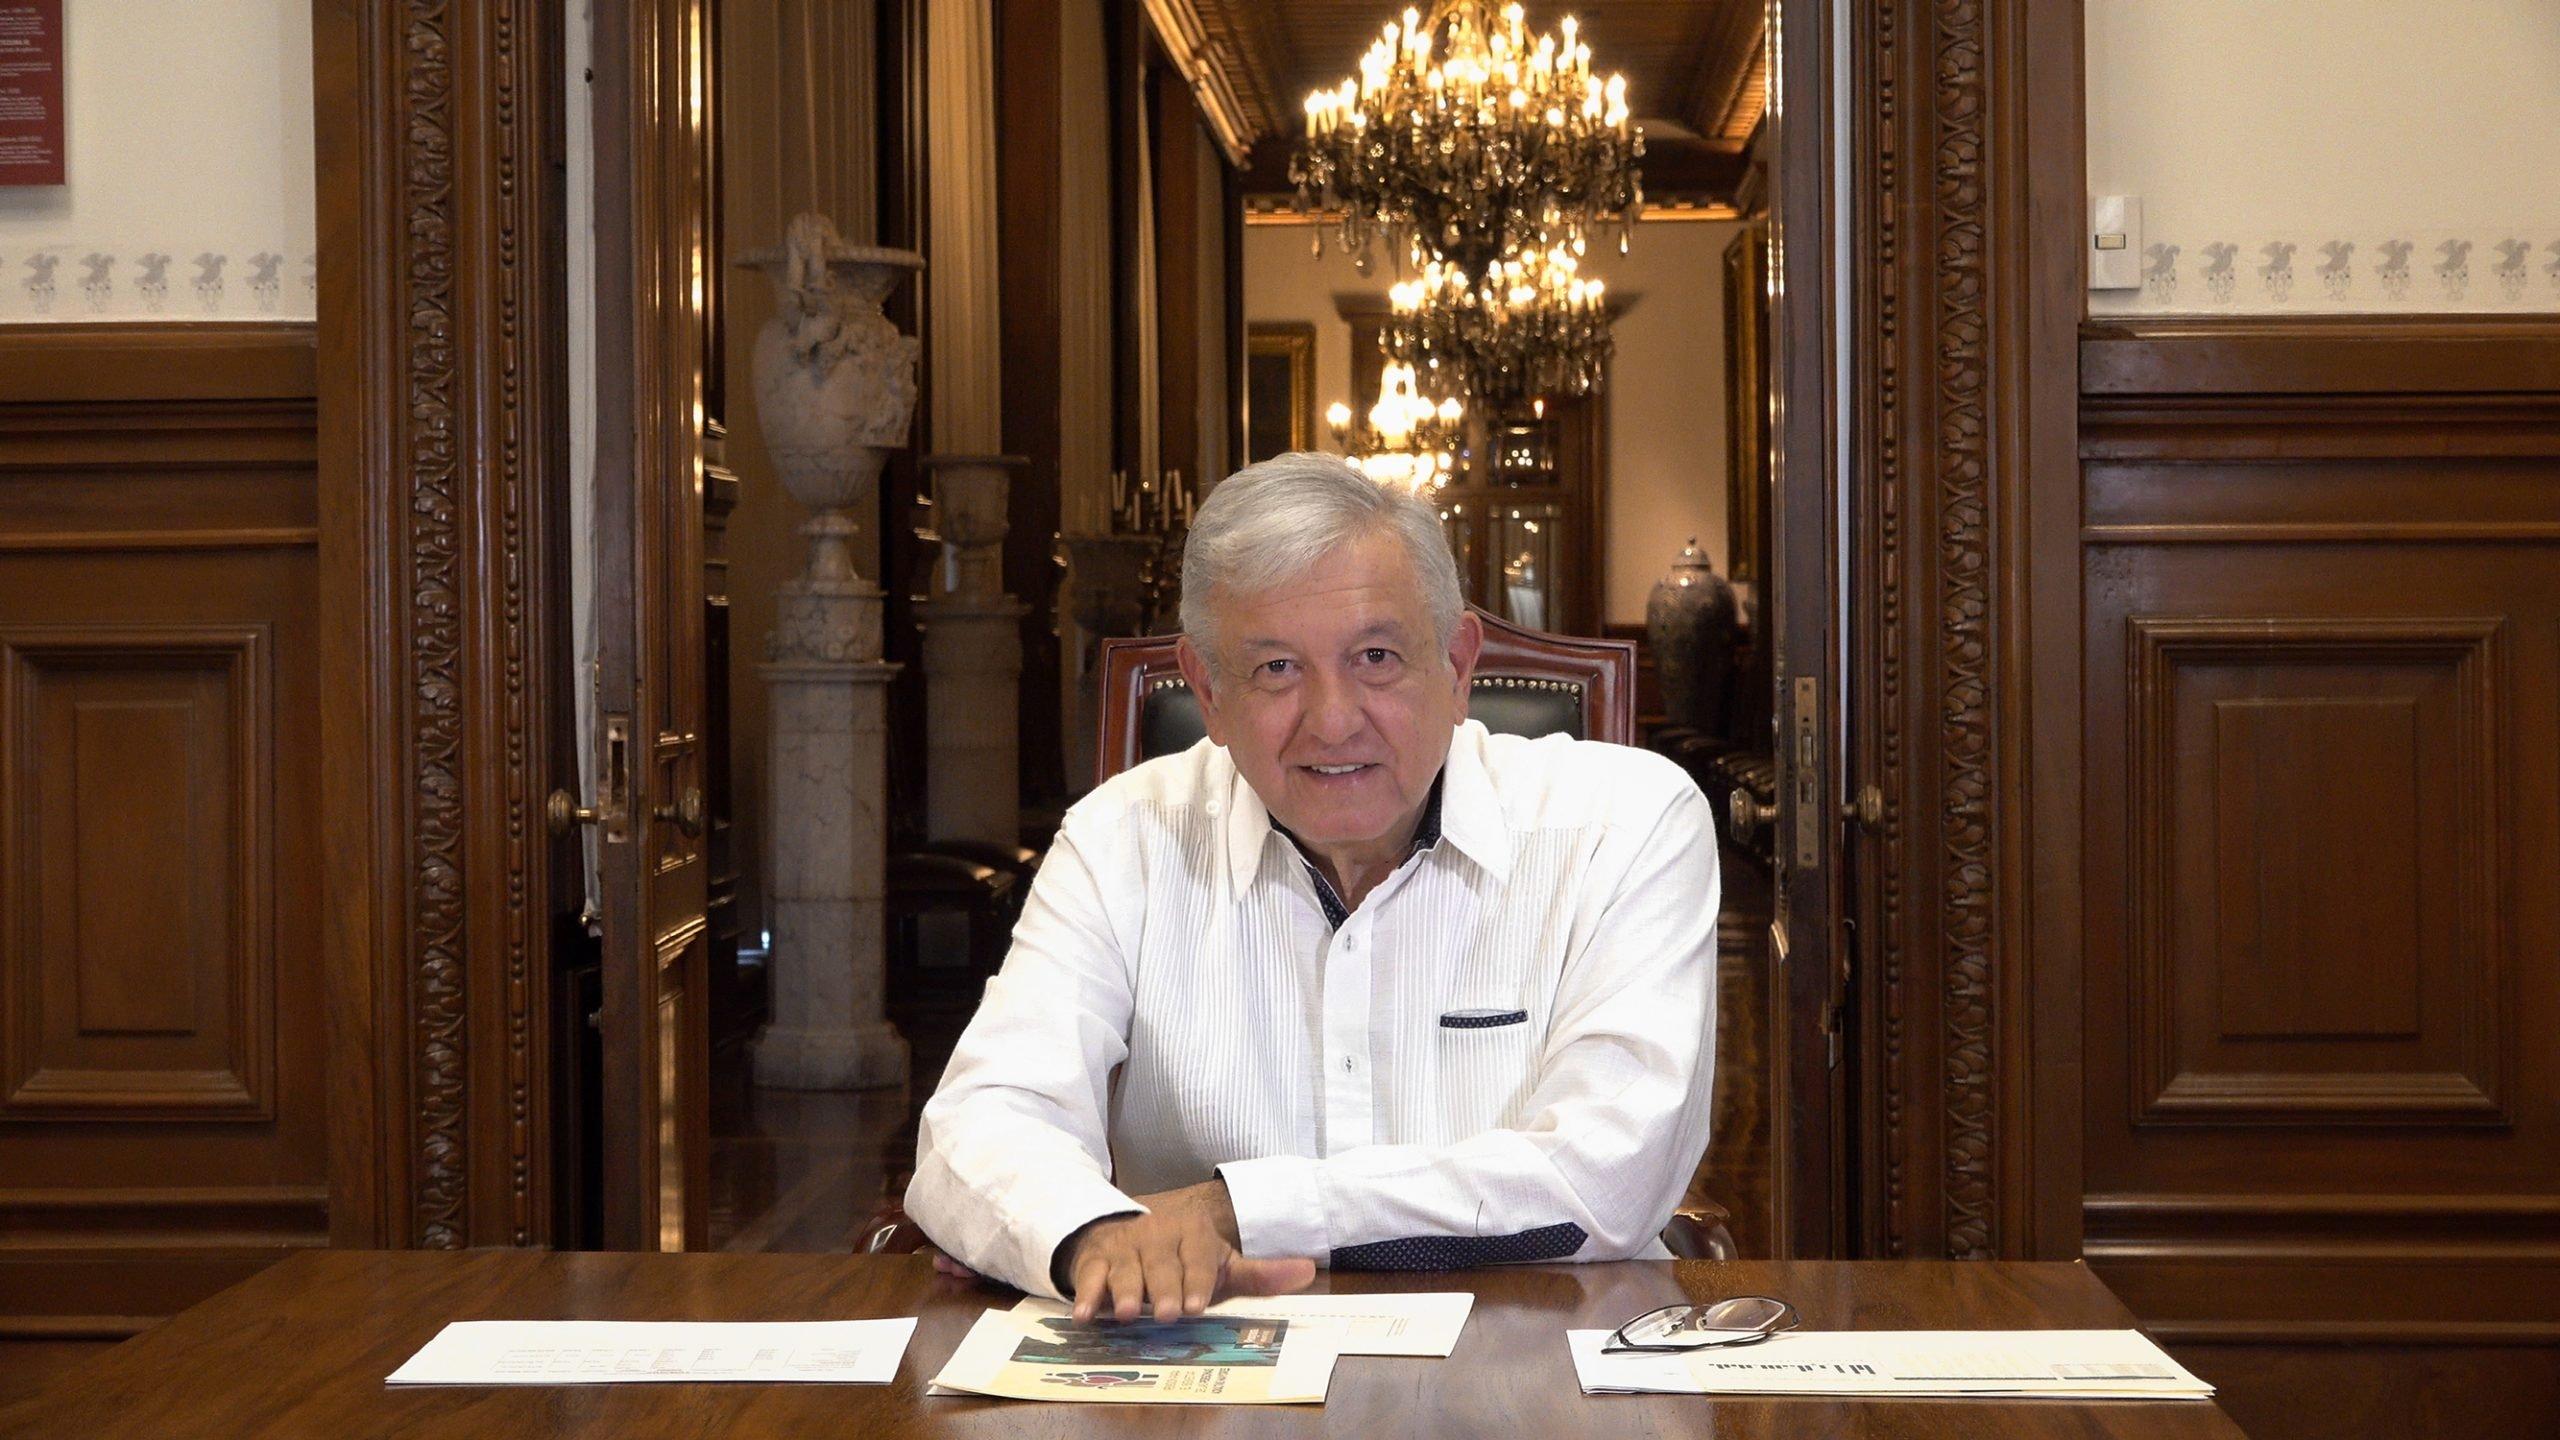 Se han recuperado más de 50,000 empleos tras Covid-19: López Obrador